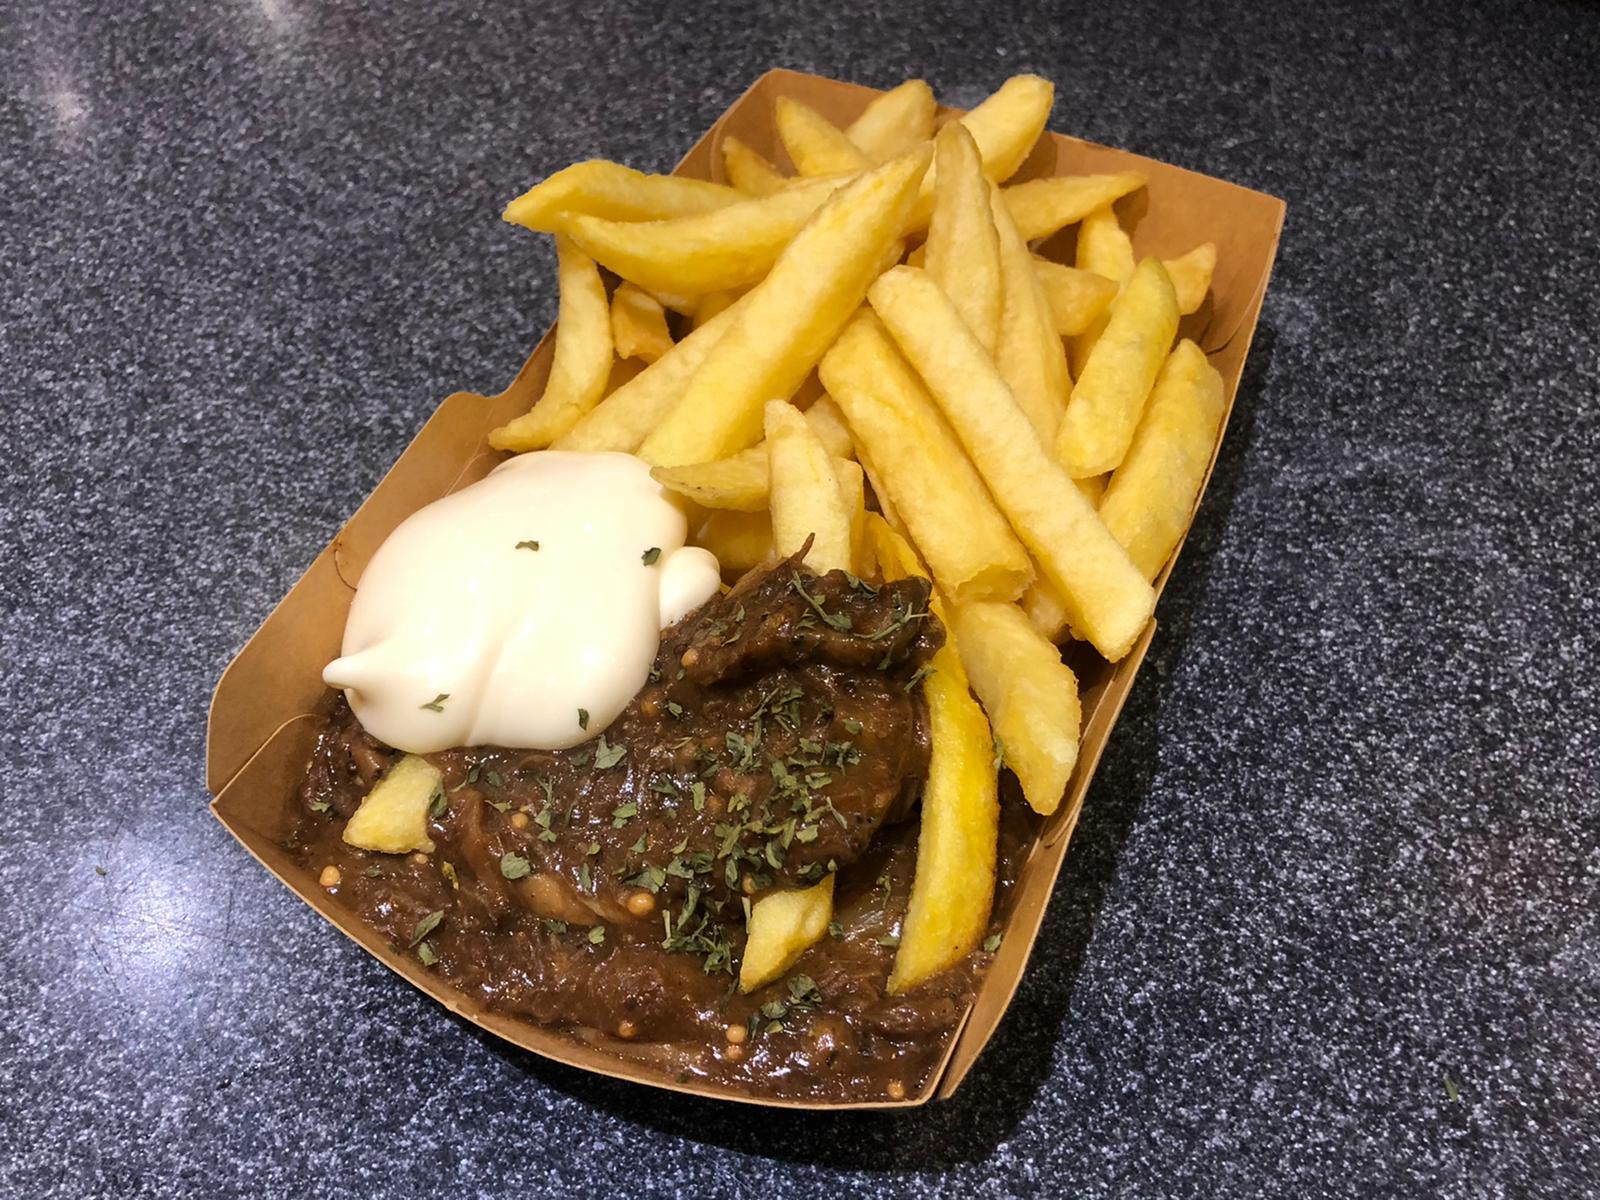 frietje Deventer stoofvlees